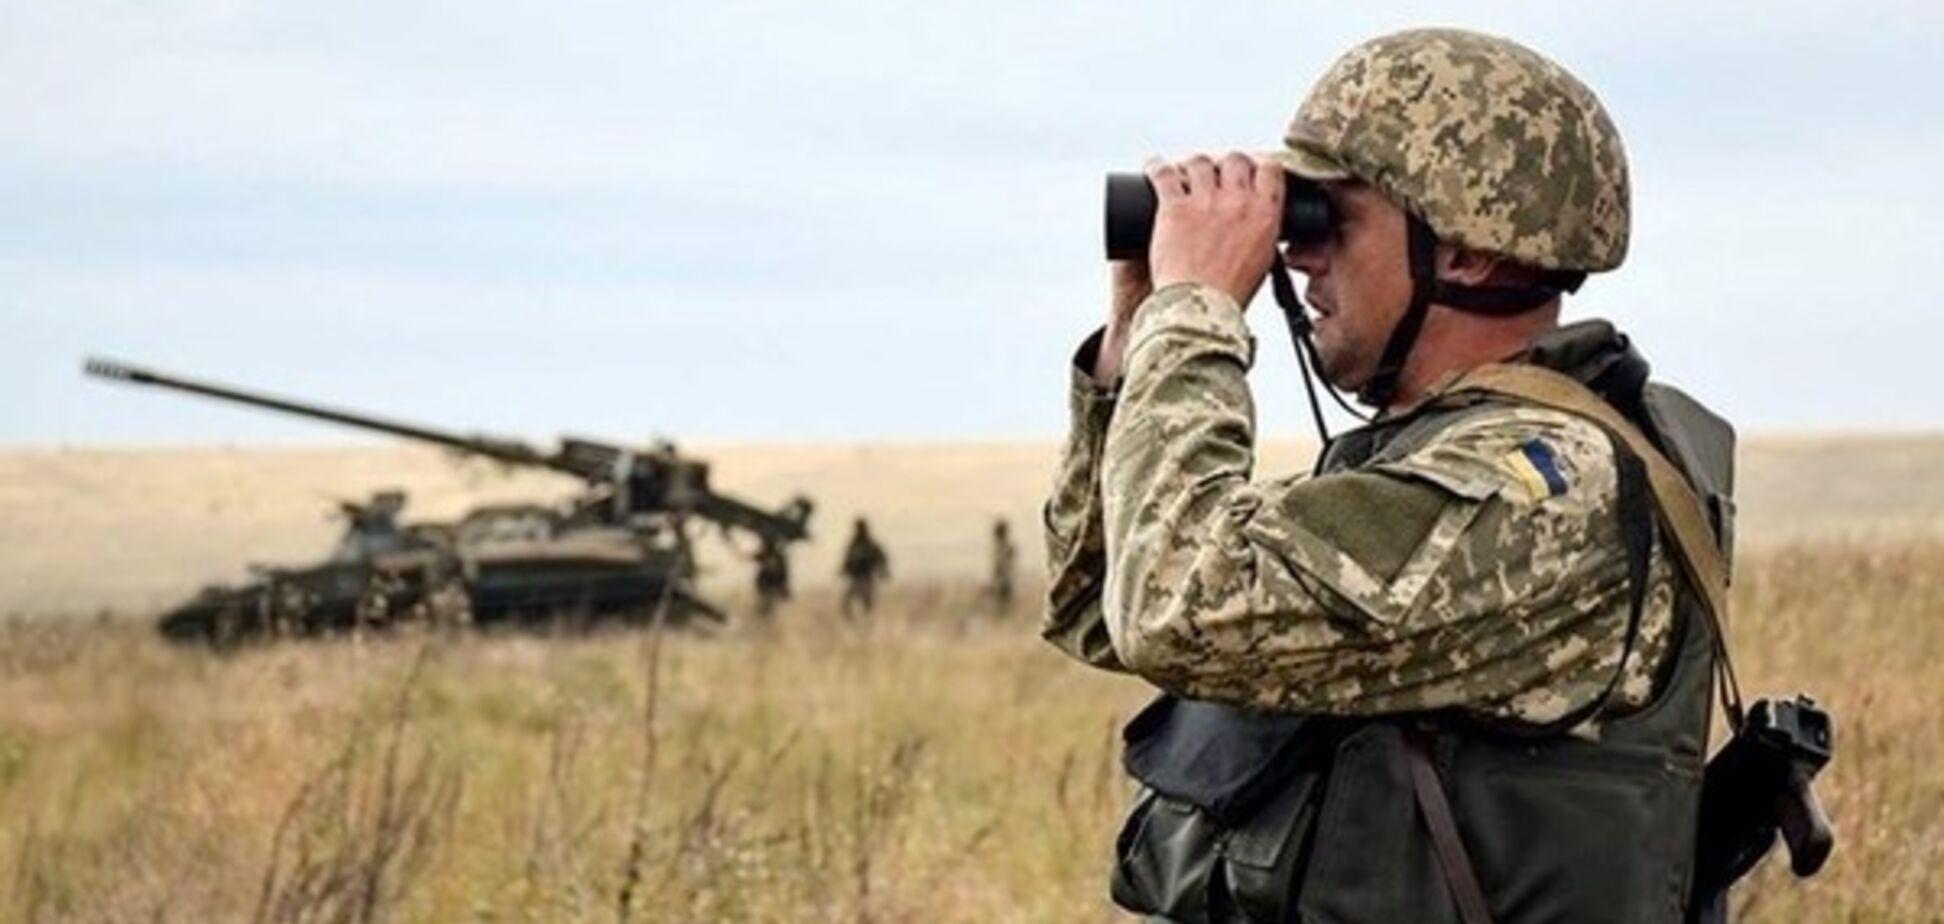 Войска отвели, но война продолжается: 'Л/ДНР' разбушевались на Донбассе